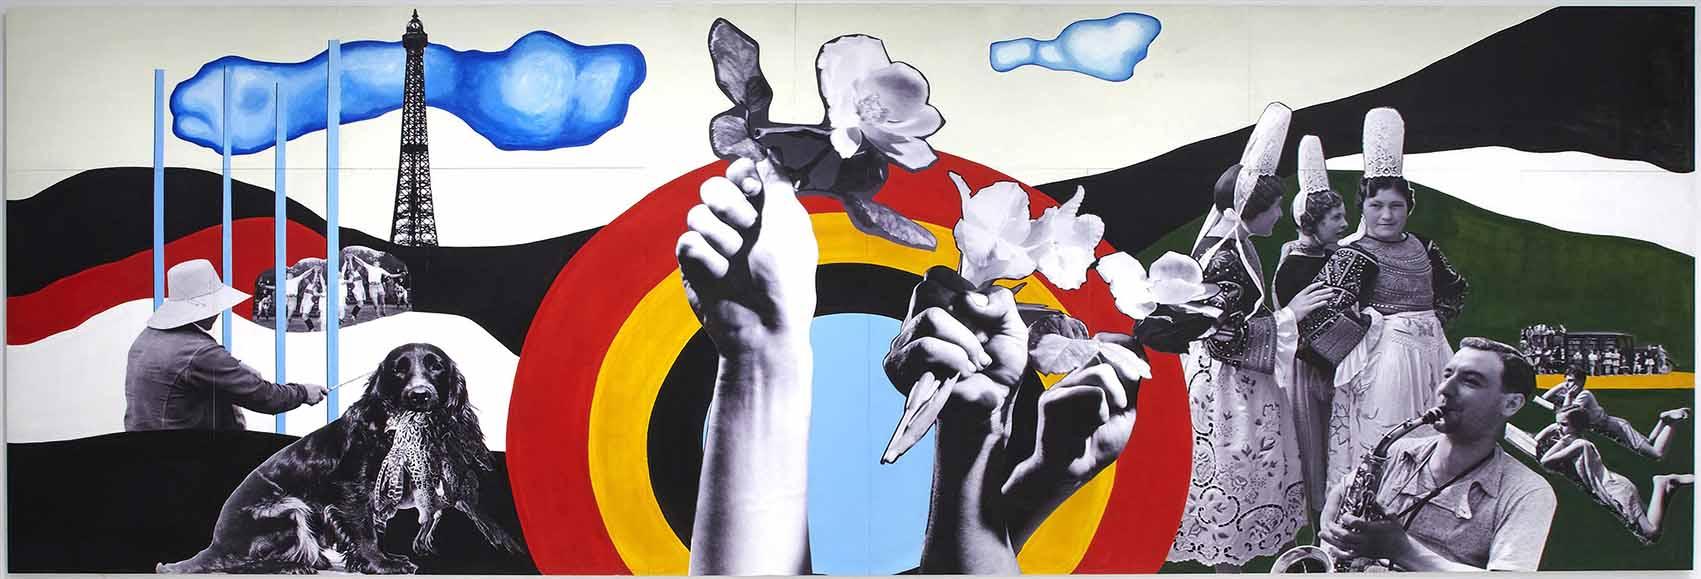 La huella de Fernand Léger 2